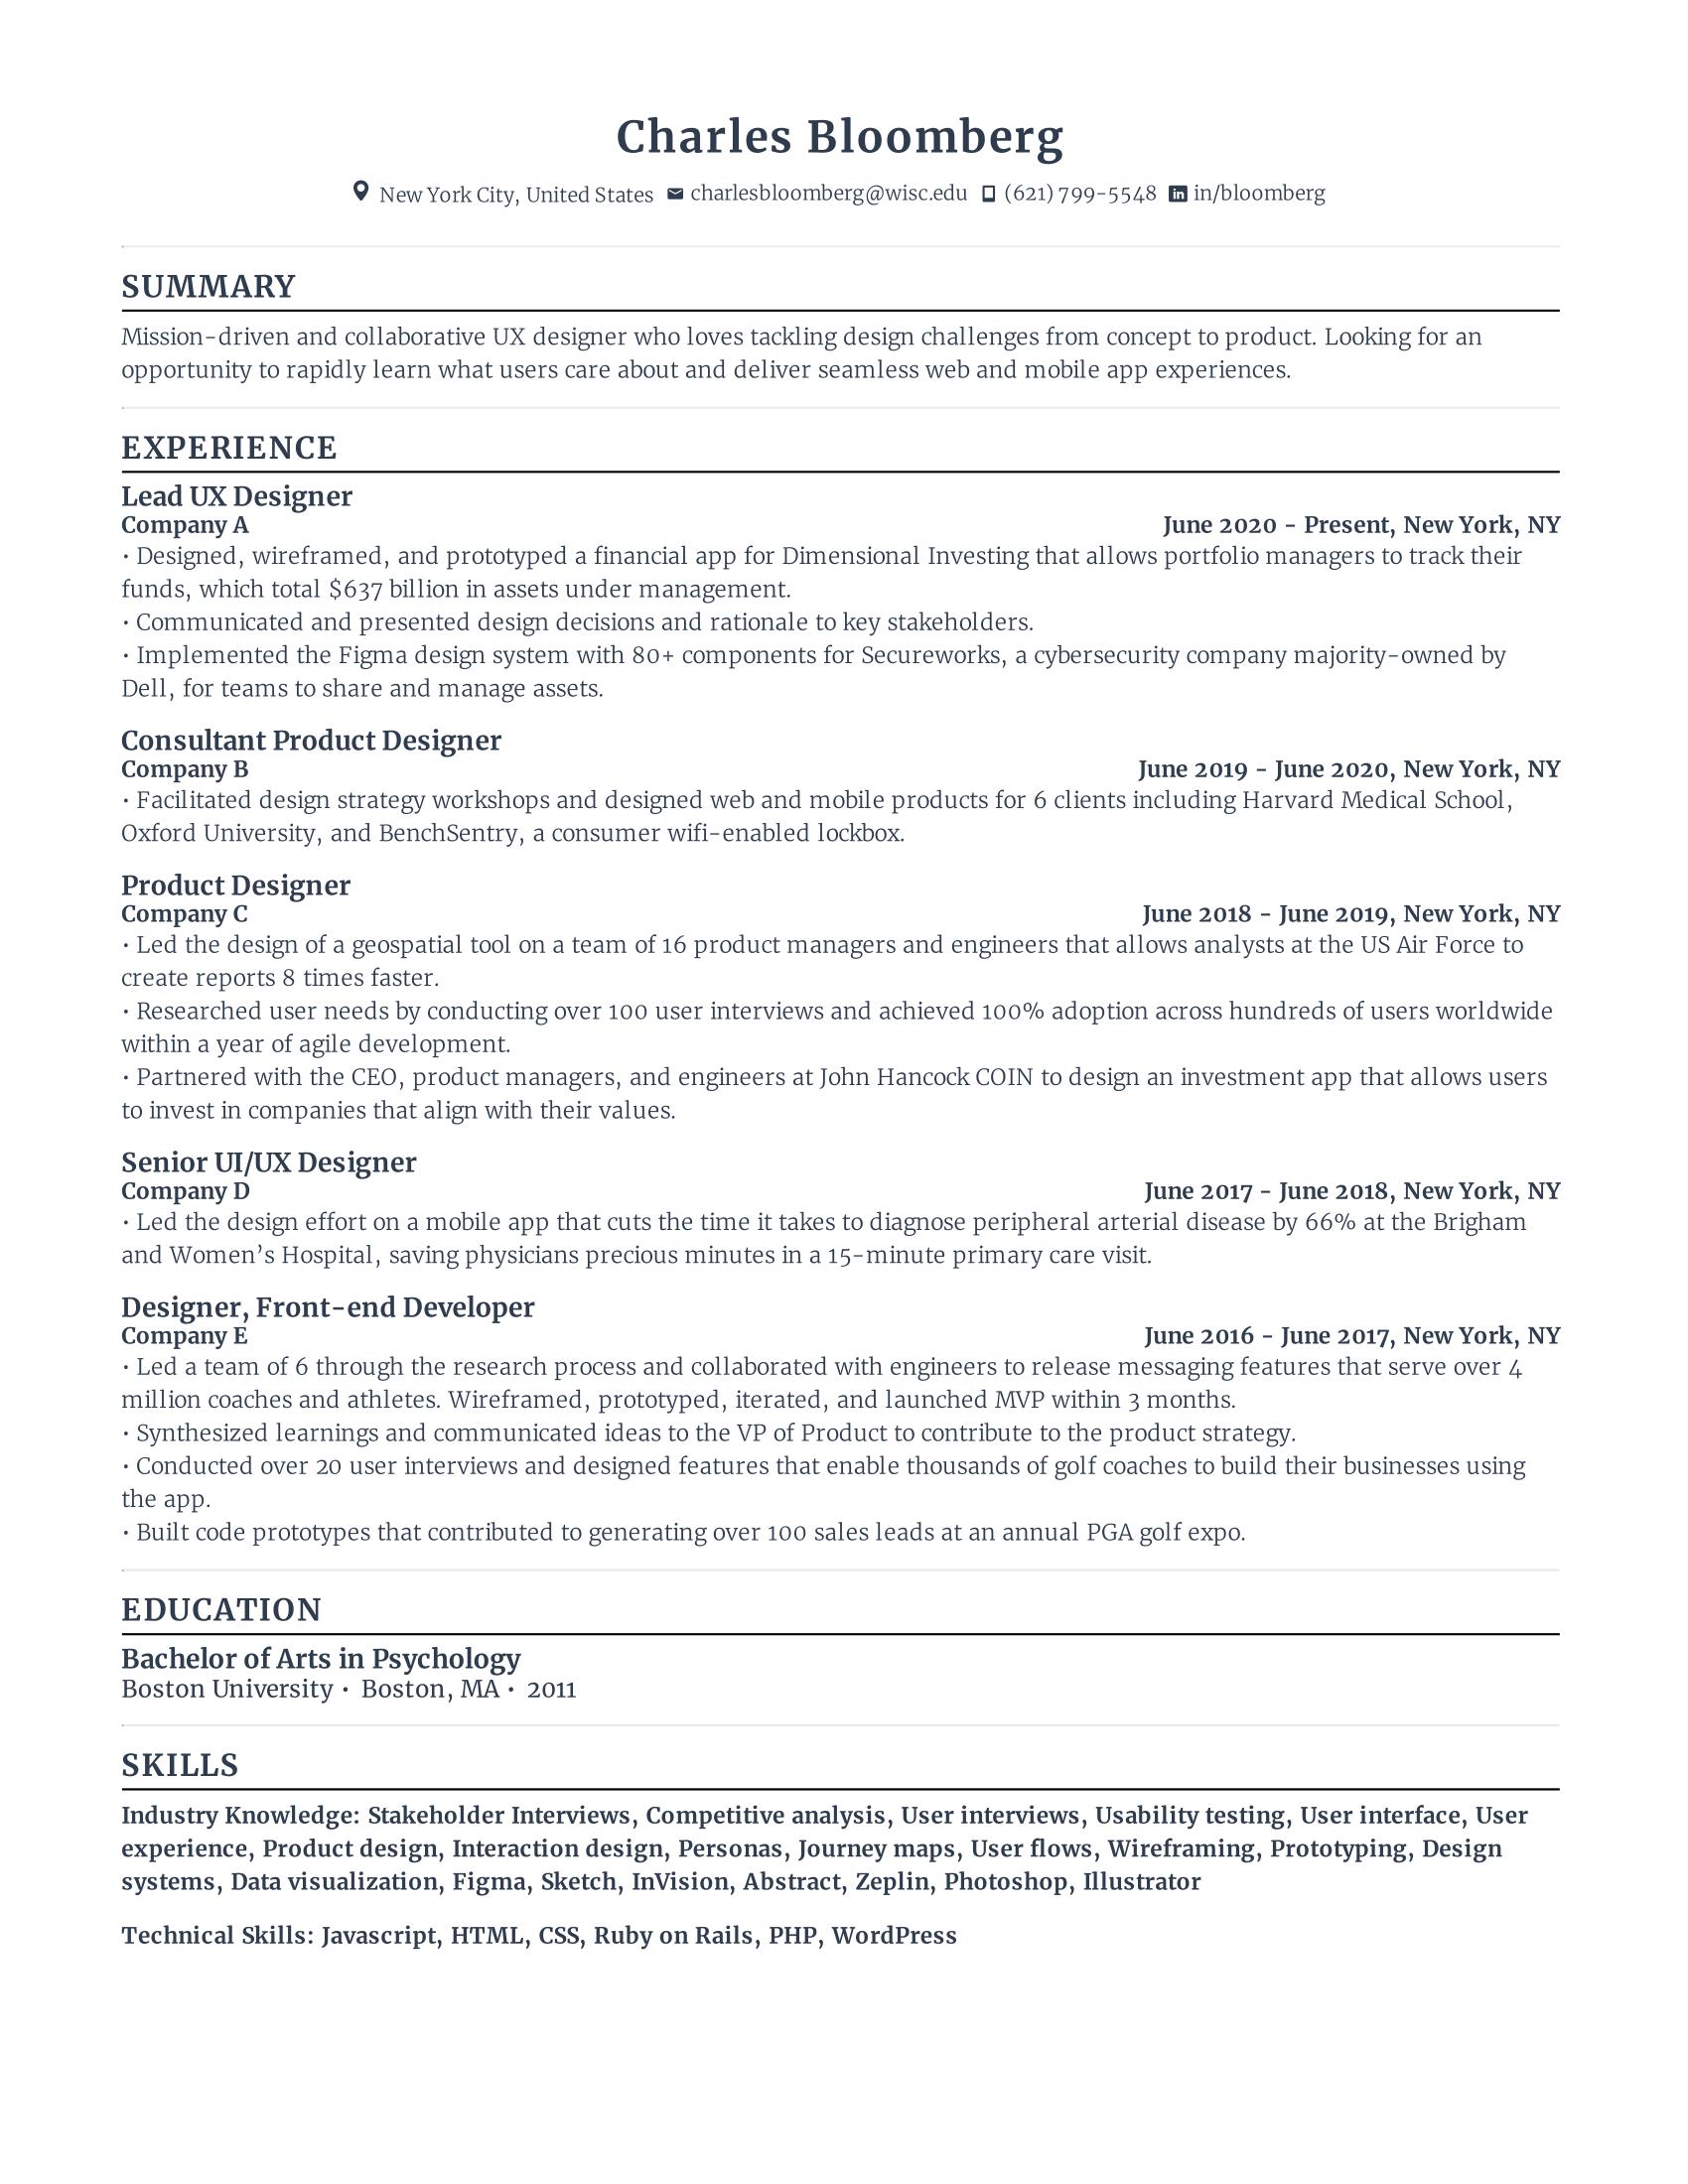 Lead UX Designer Resume